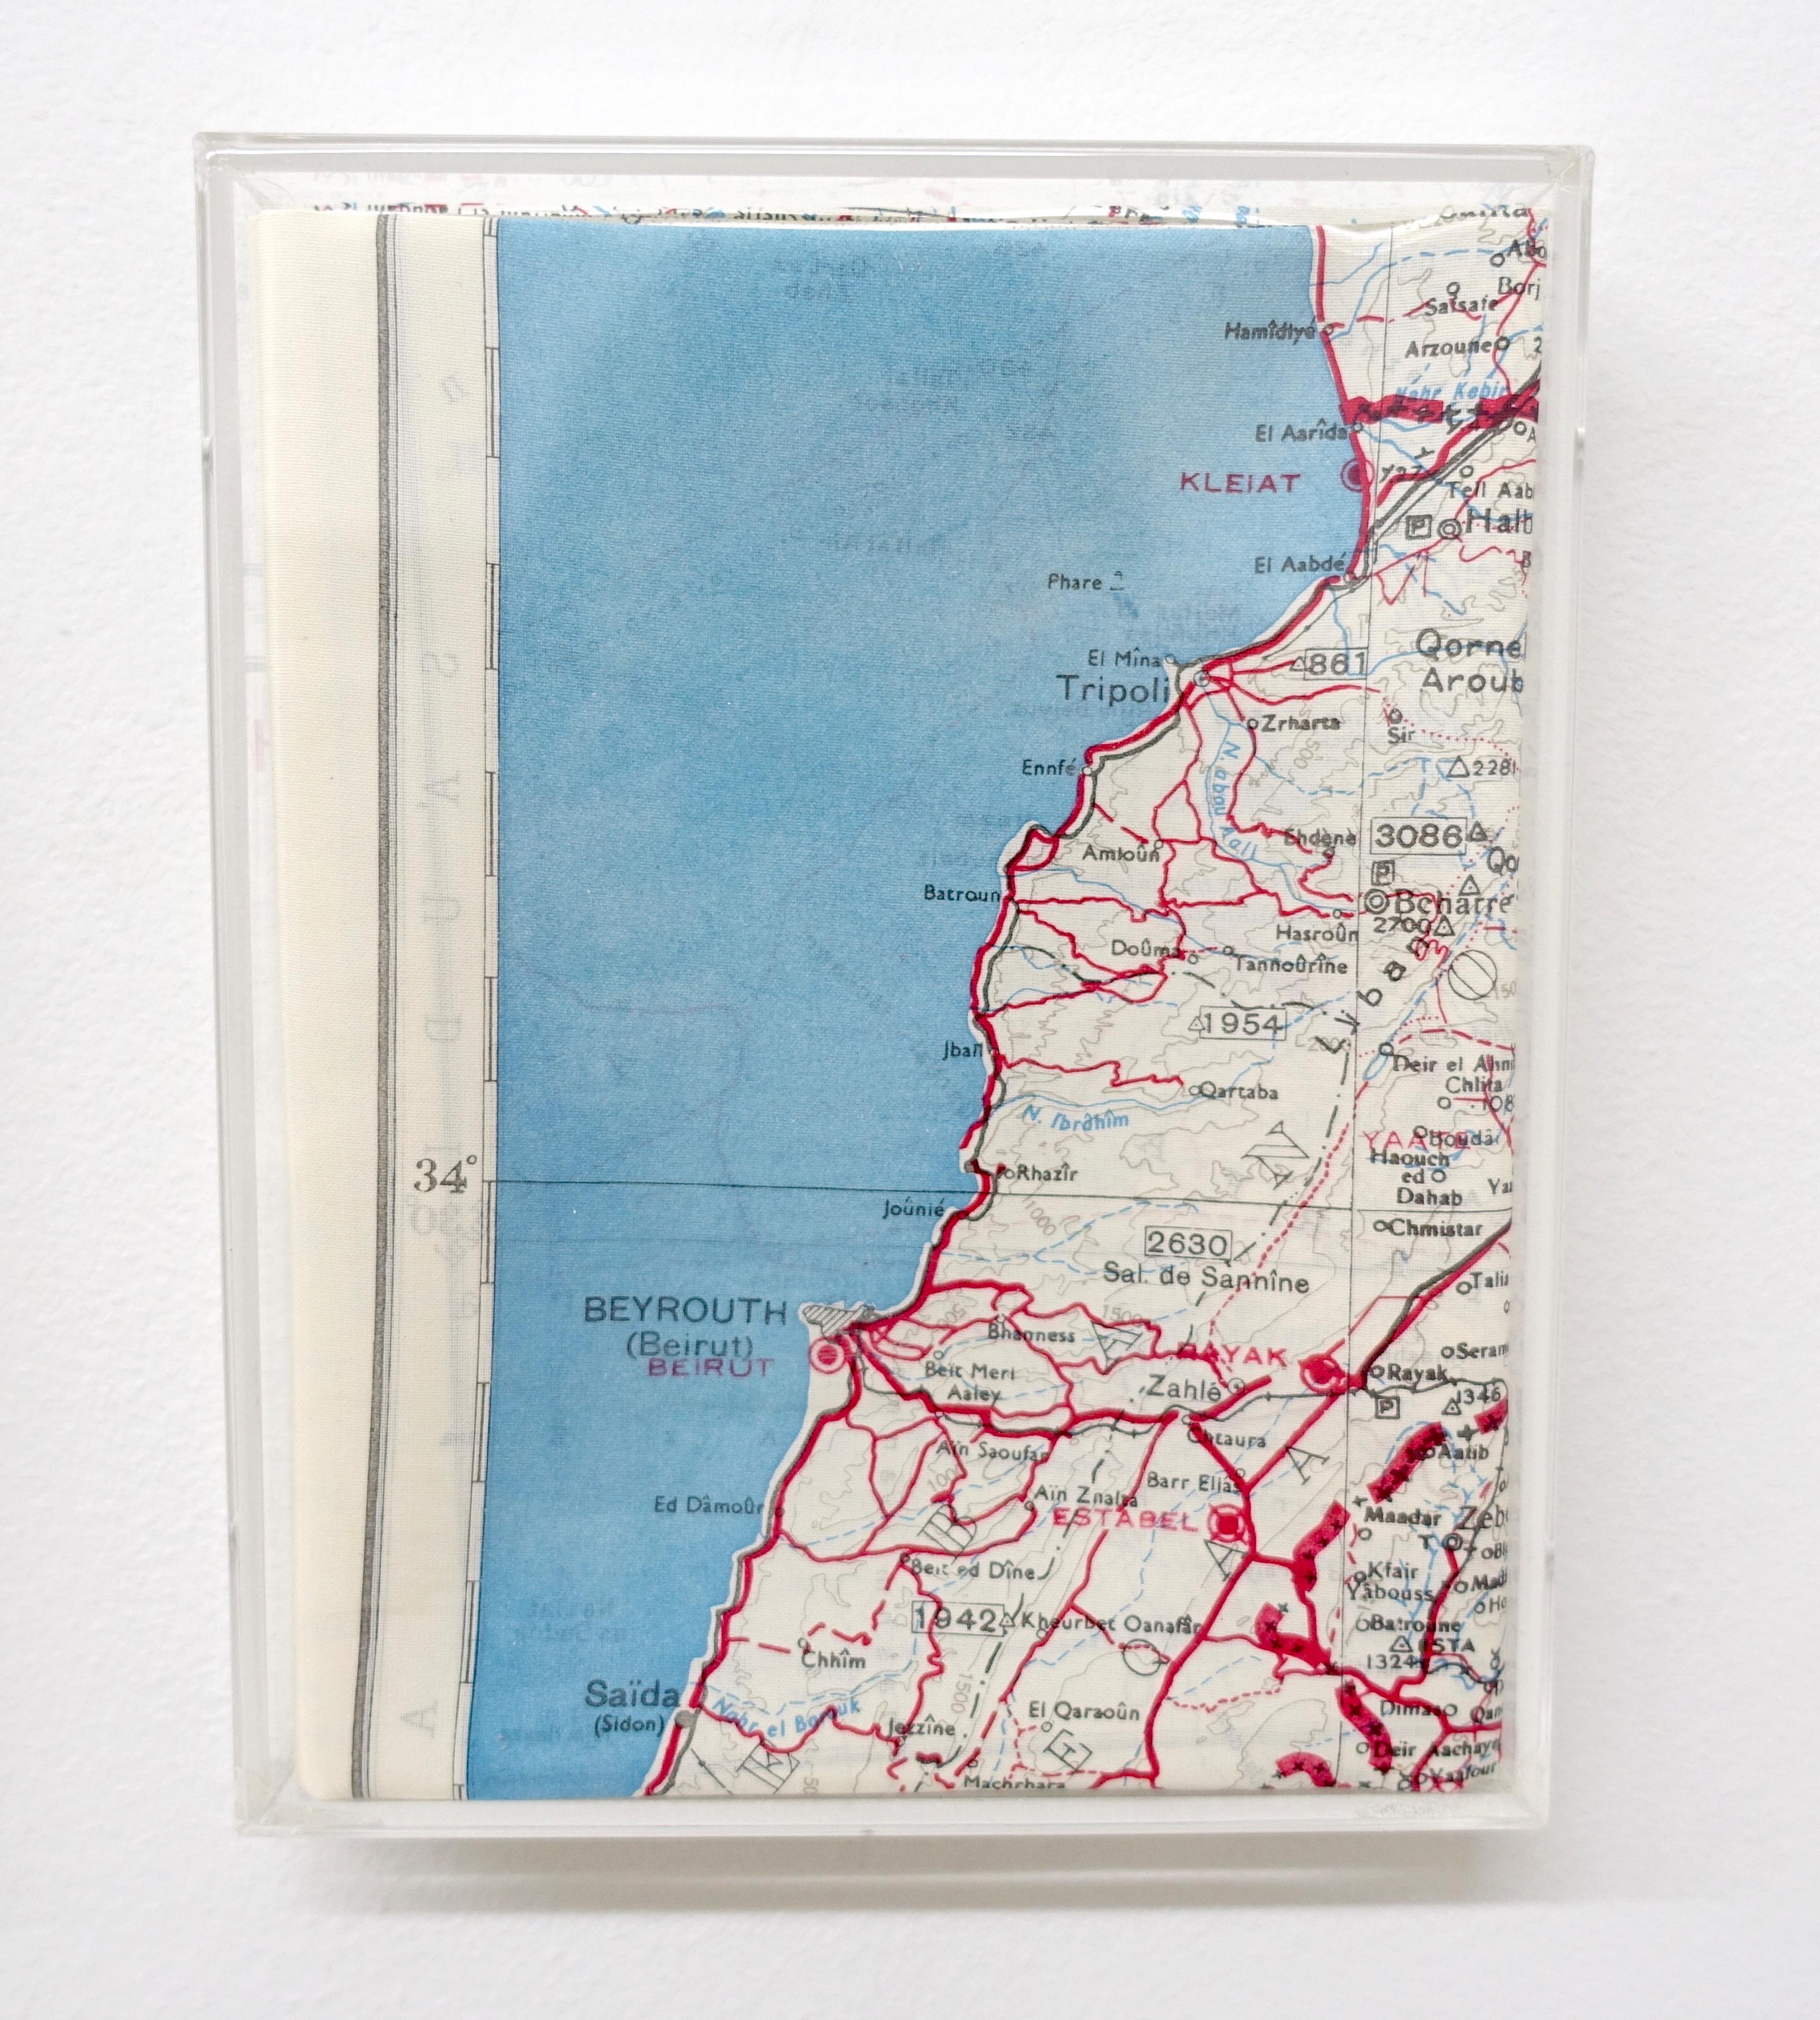 Benassi, (Mouchoirs) S'échapper Méditerranée, 2015, 4 éléments